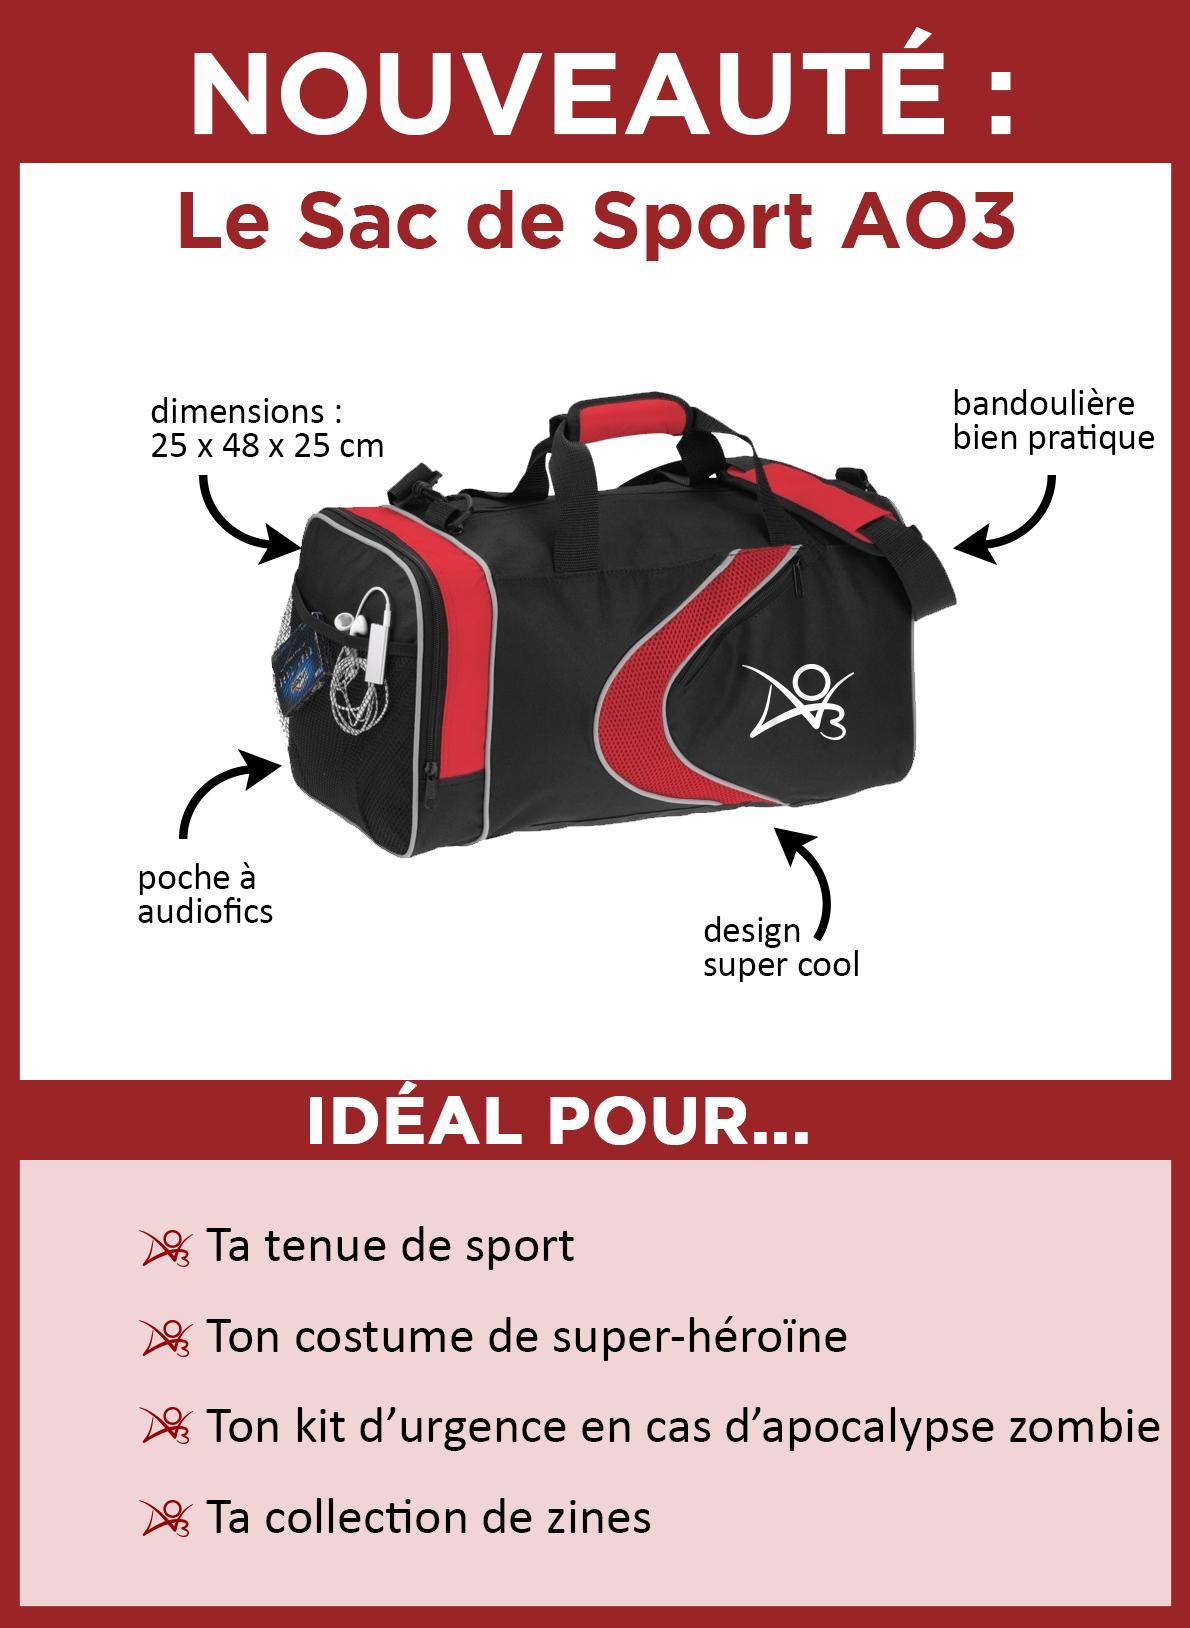 Découvrez le sac de sport AO3. Il est noir rehaussé de rouge, et sur le côté se trouvent un trait ondulé rouge ainsi que le logo d'AO3 en blanc. Il mesure 25 x 48 x 25 centimètres. Il comporte une bandoulière bien pratique et, sur le côté, une poche en filet idéale pour votre lecteur d'audiofics. Il est parfait pour ranger votre tenue de sport, cacher votre costume de super-héroïne, stocker votre kit d'urgence en cas d'apocalypse zombie et emporter votre collection de zines en voyage.